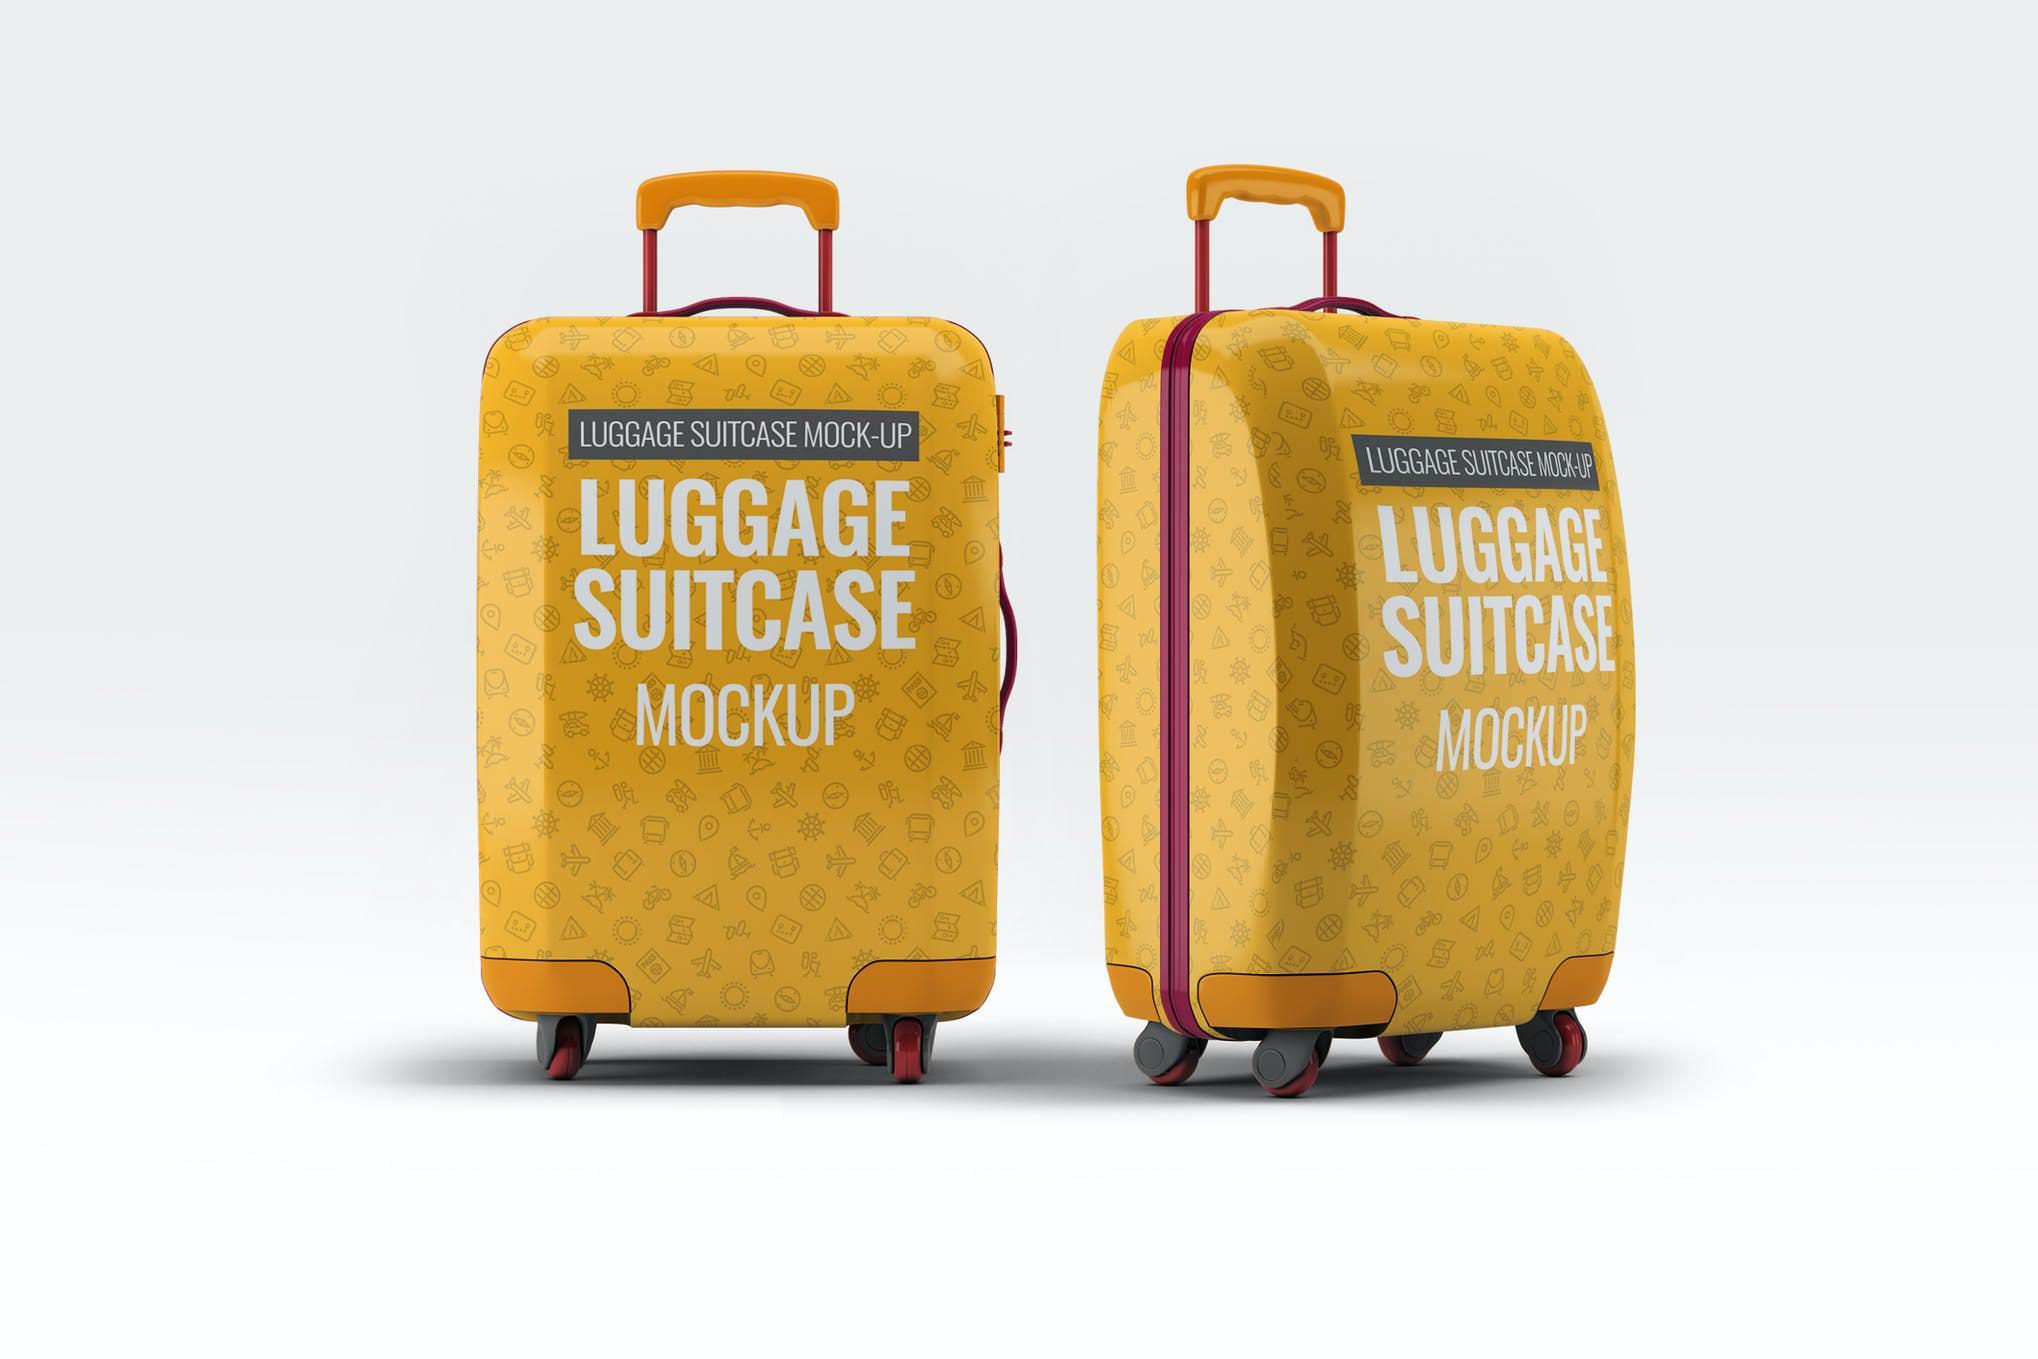 行李箱样机效果图插图(1)